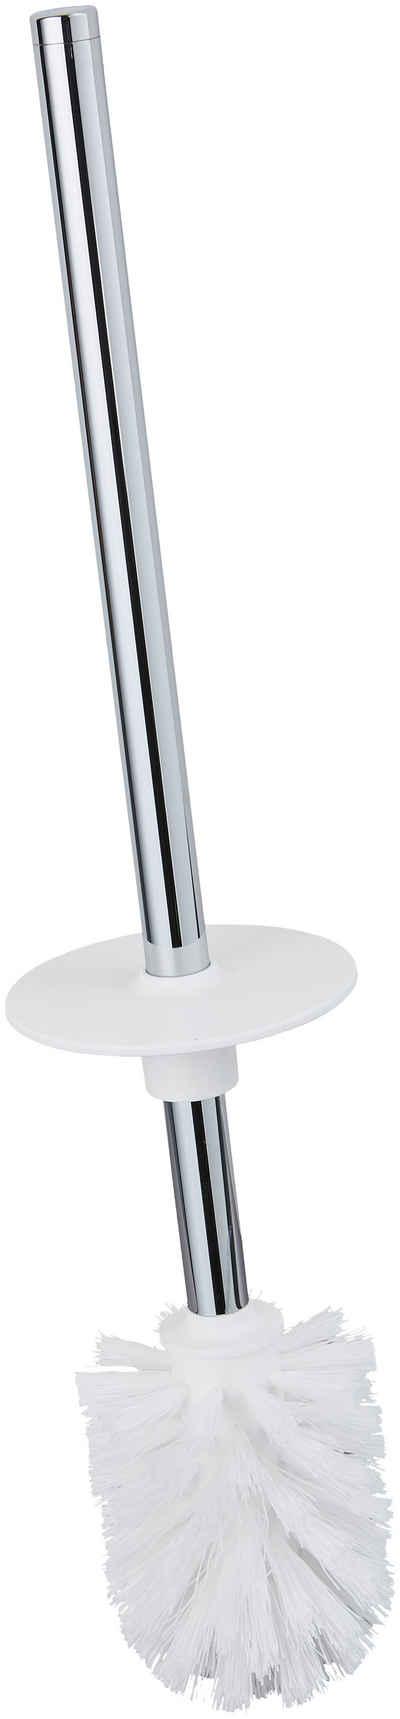 WC-Reinigungsbürste »Collection Moll«, Keuco, Deckel enthalten